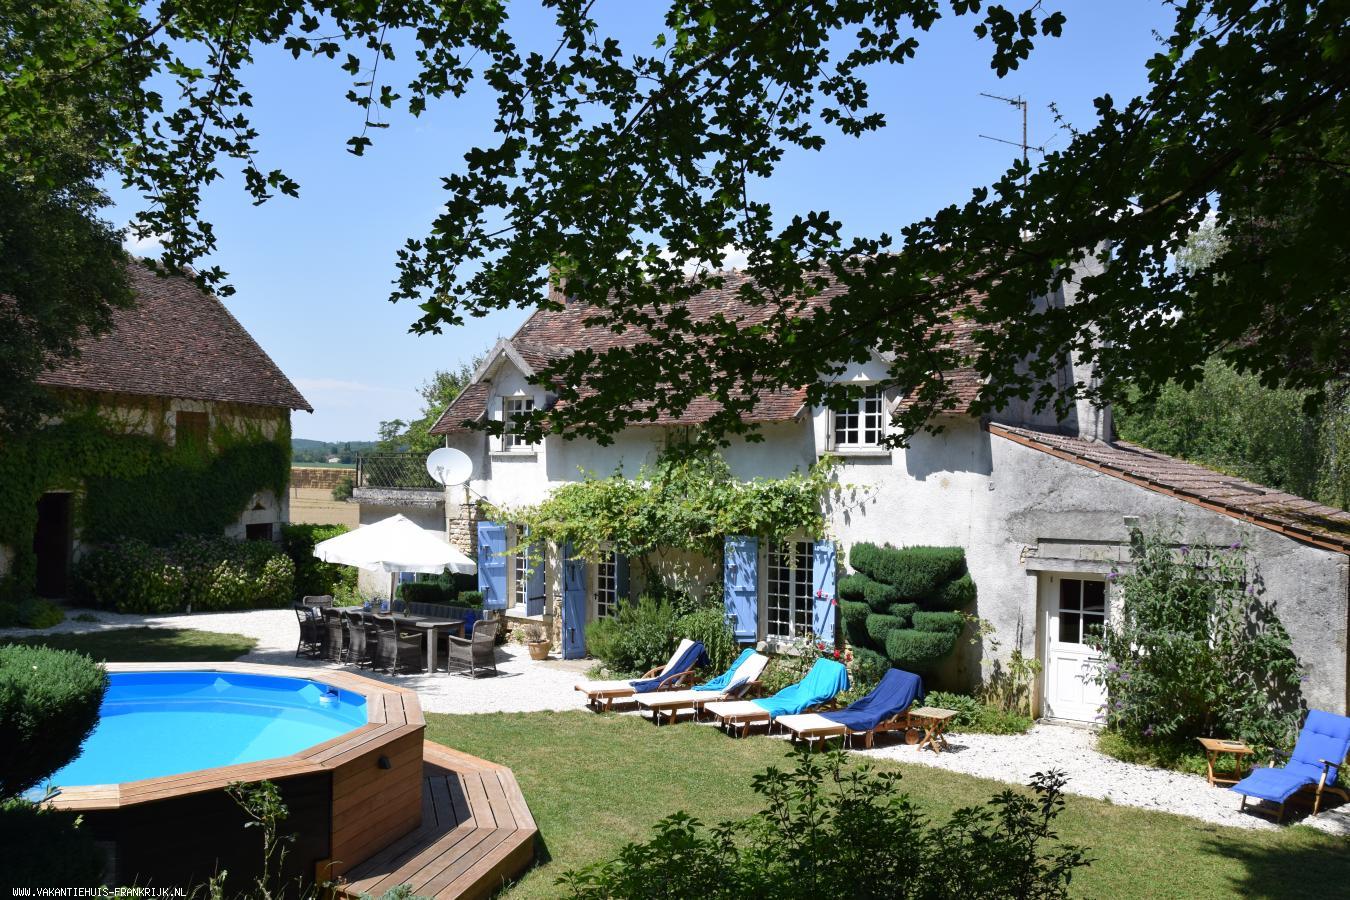 Vakantiehuis: Maison du Pon. Een sfeervol en gezellig vakantiehuis voor het ultieme vakantiegevoel in de Bourgogne. te huur voor uw vakantie in Nievre (Frankrijk)